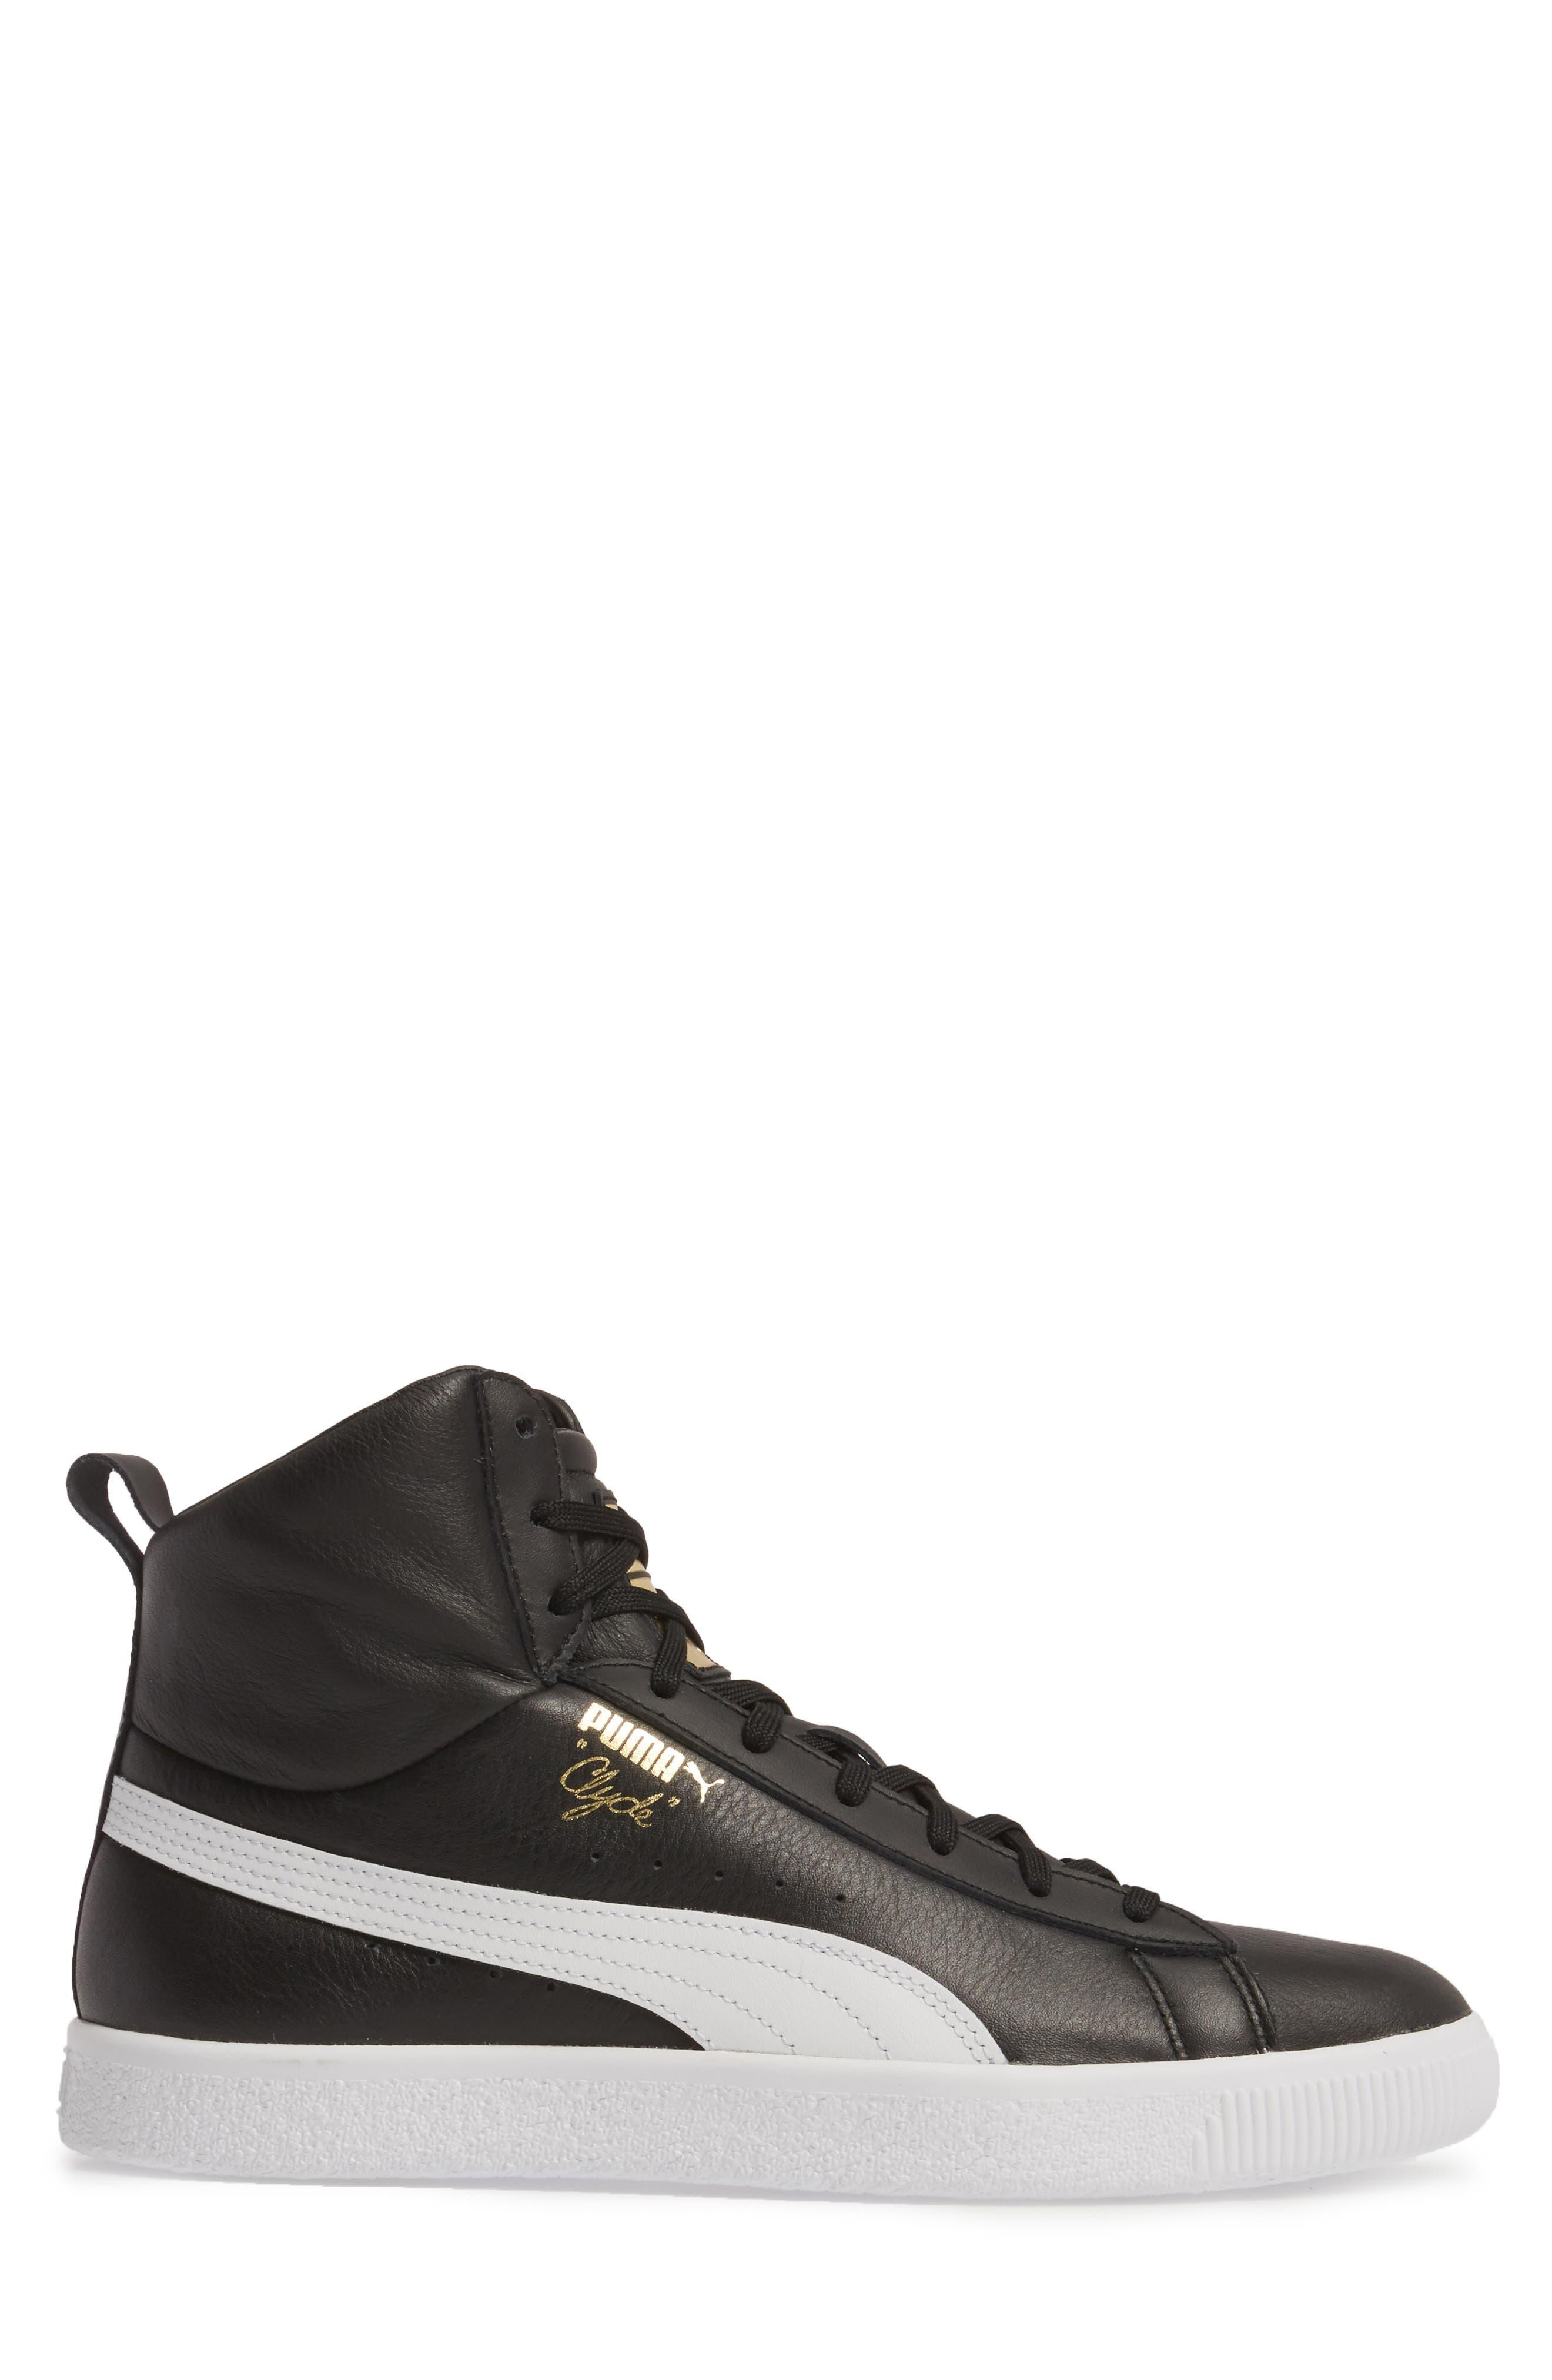 Clyde Mid Sneaker,                             Alternate thumbnail 3, color,                             Black/ White